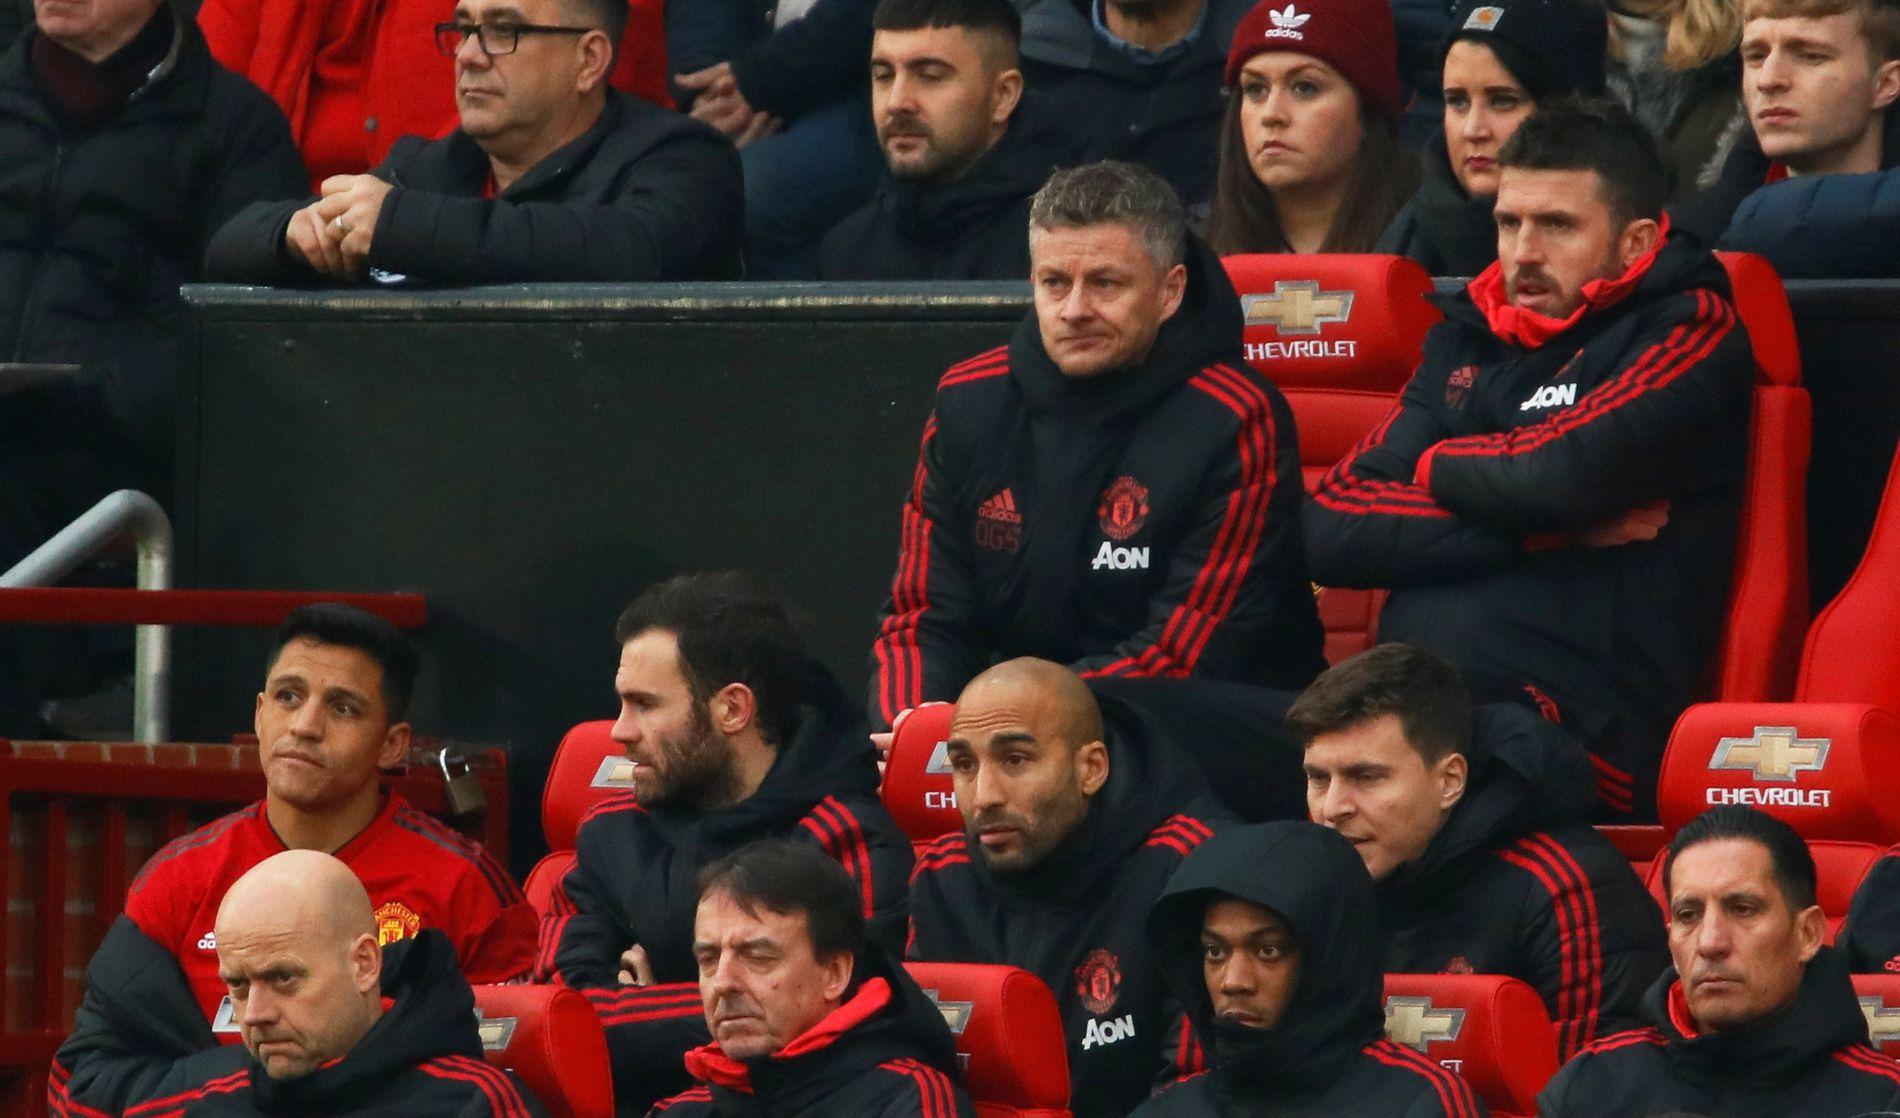 Ole Gunnar Solskjærs Manchester United vant komfortabelt mot Reading, men neste helg blir det mye vanskeligere mot Tottenham på Wembley.